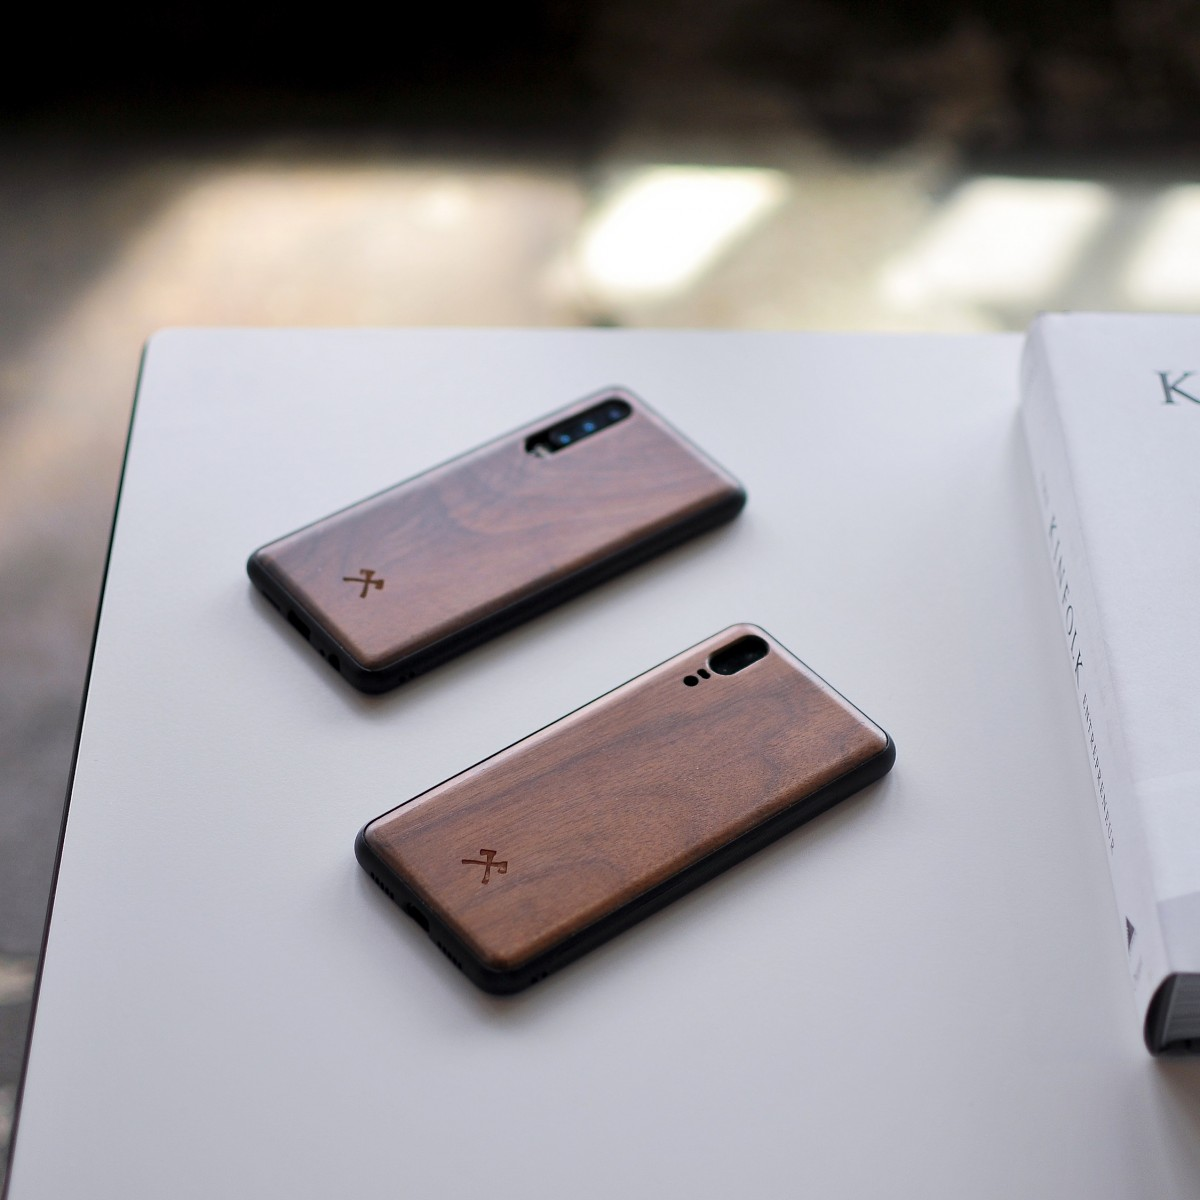 Woodcessories - EcoBump - Premium Design Hülle, Case, Cover, Schutzhülle für das Smartphone aus FSC zertifiziertem Walnuss Holz (Huawei P20 Lite)